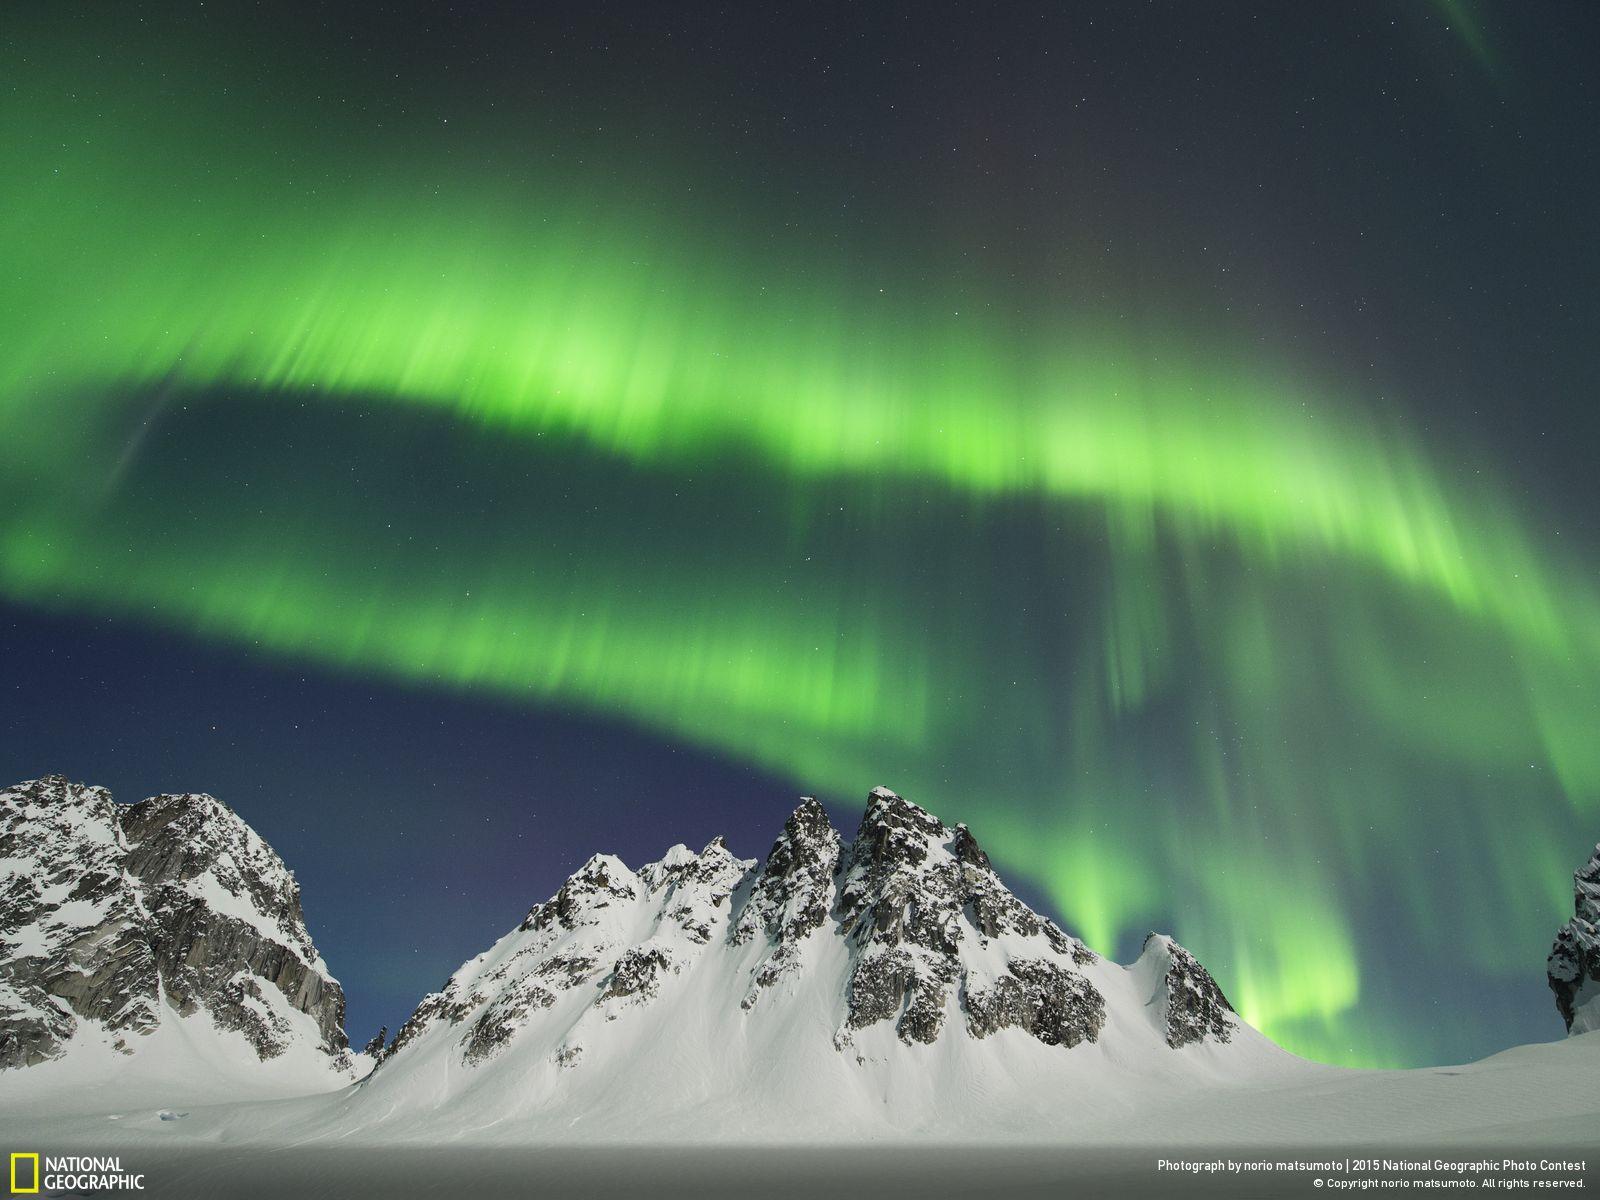 107 Подборка лучших фотографий, опубликованных журналом National Geographic в 2015 году